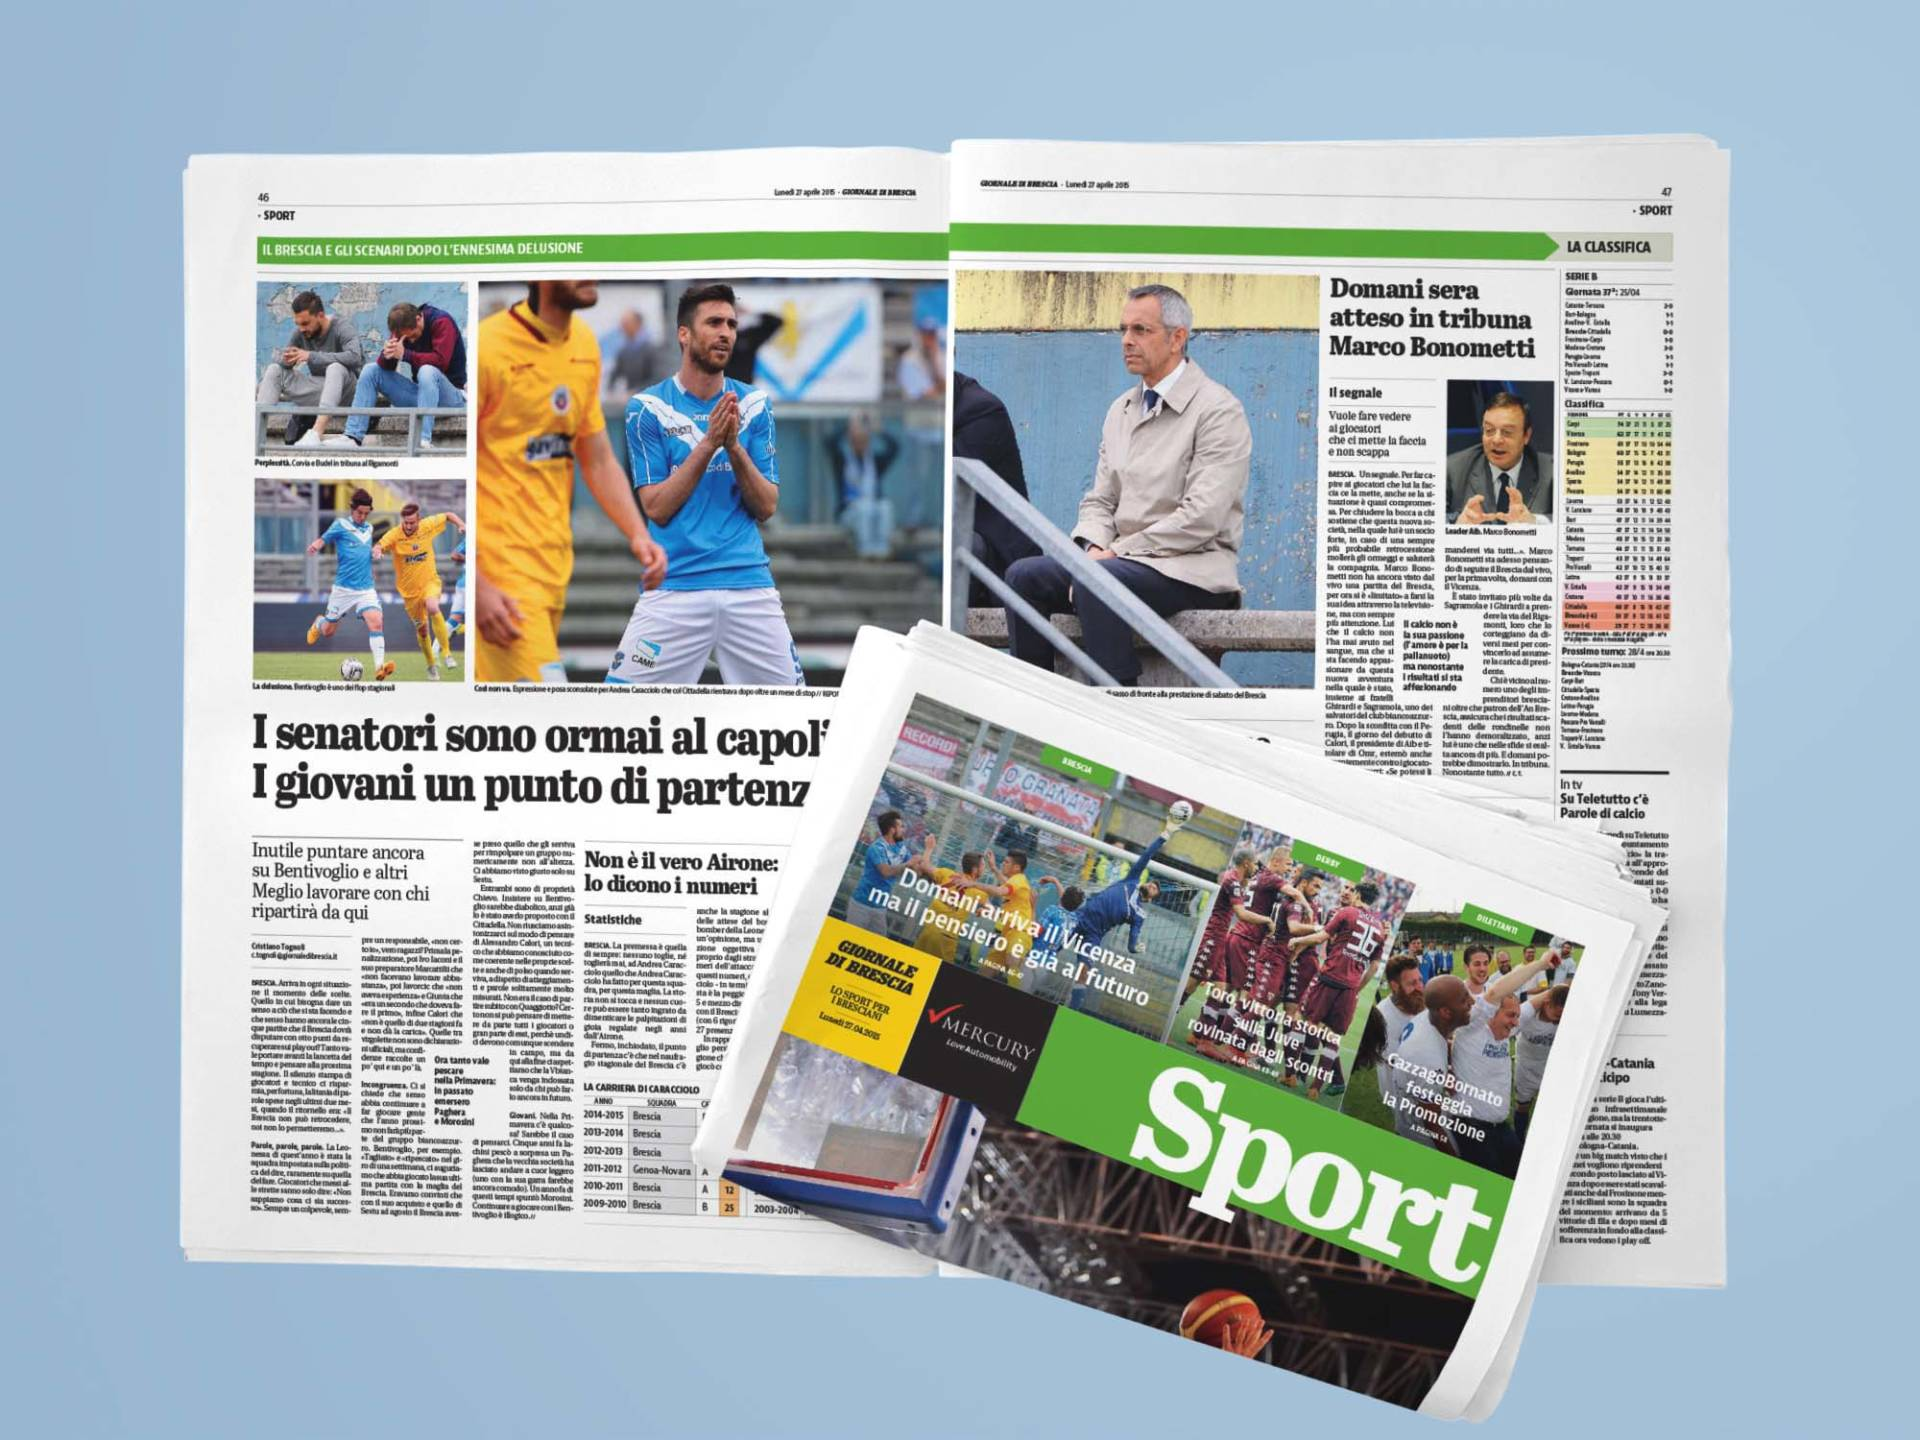 Giornale_di_Brescia_09_Wenceslau_News_Design